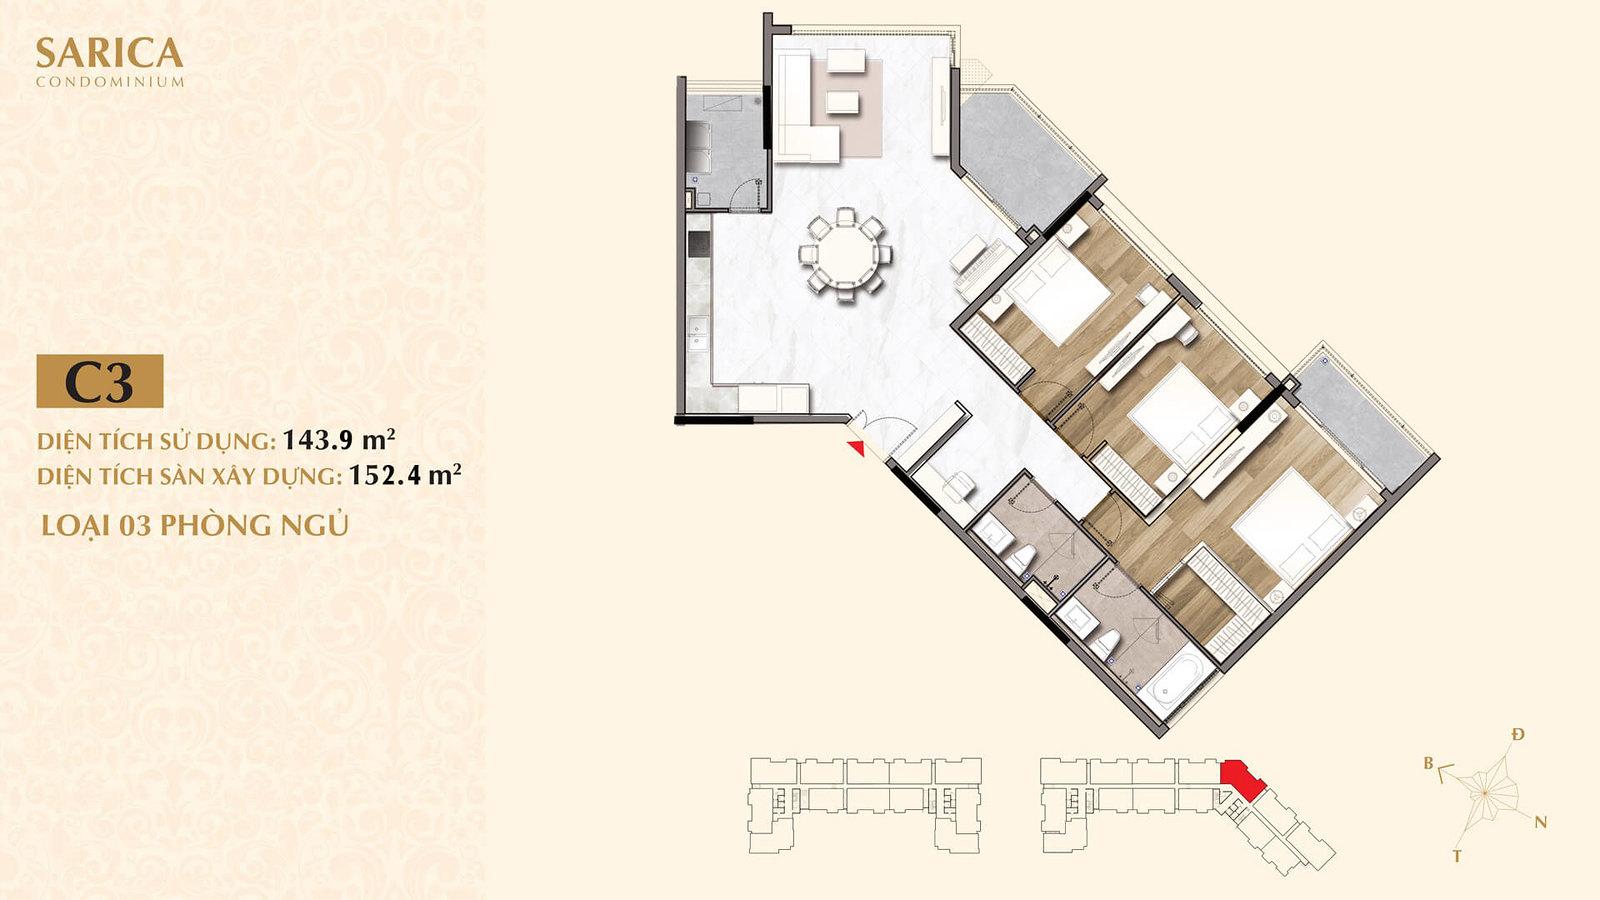 Mặt bằng căn hộ Sarica 3 phòng ngủ 152m2 cần bán